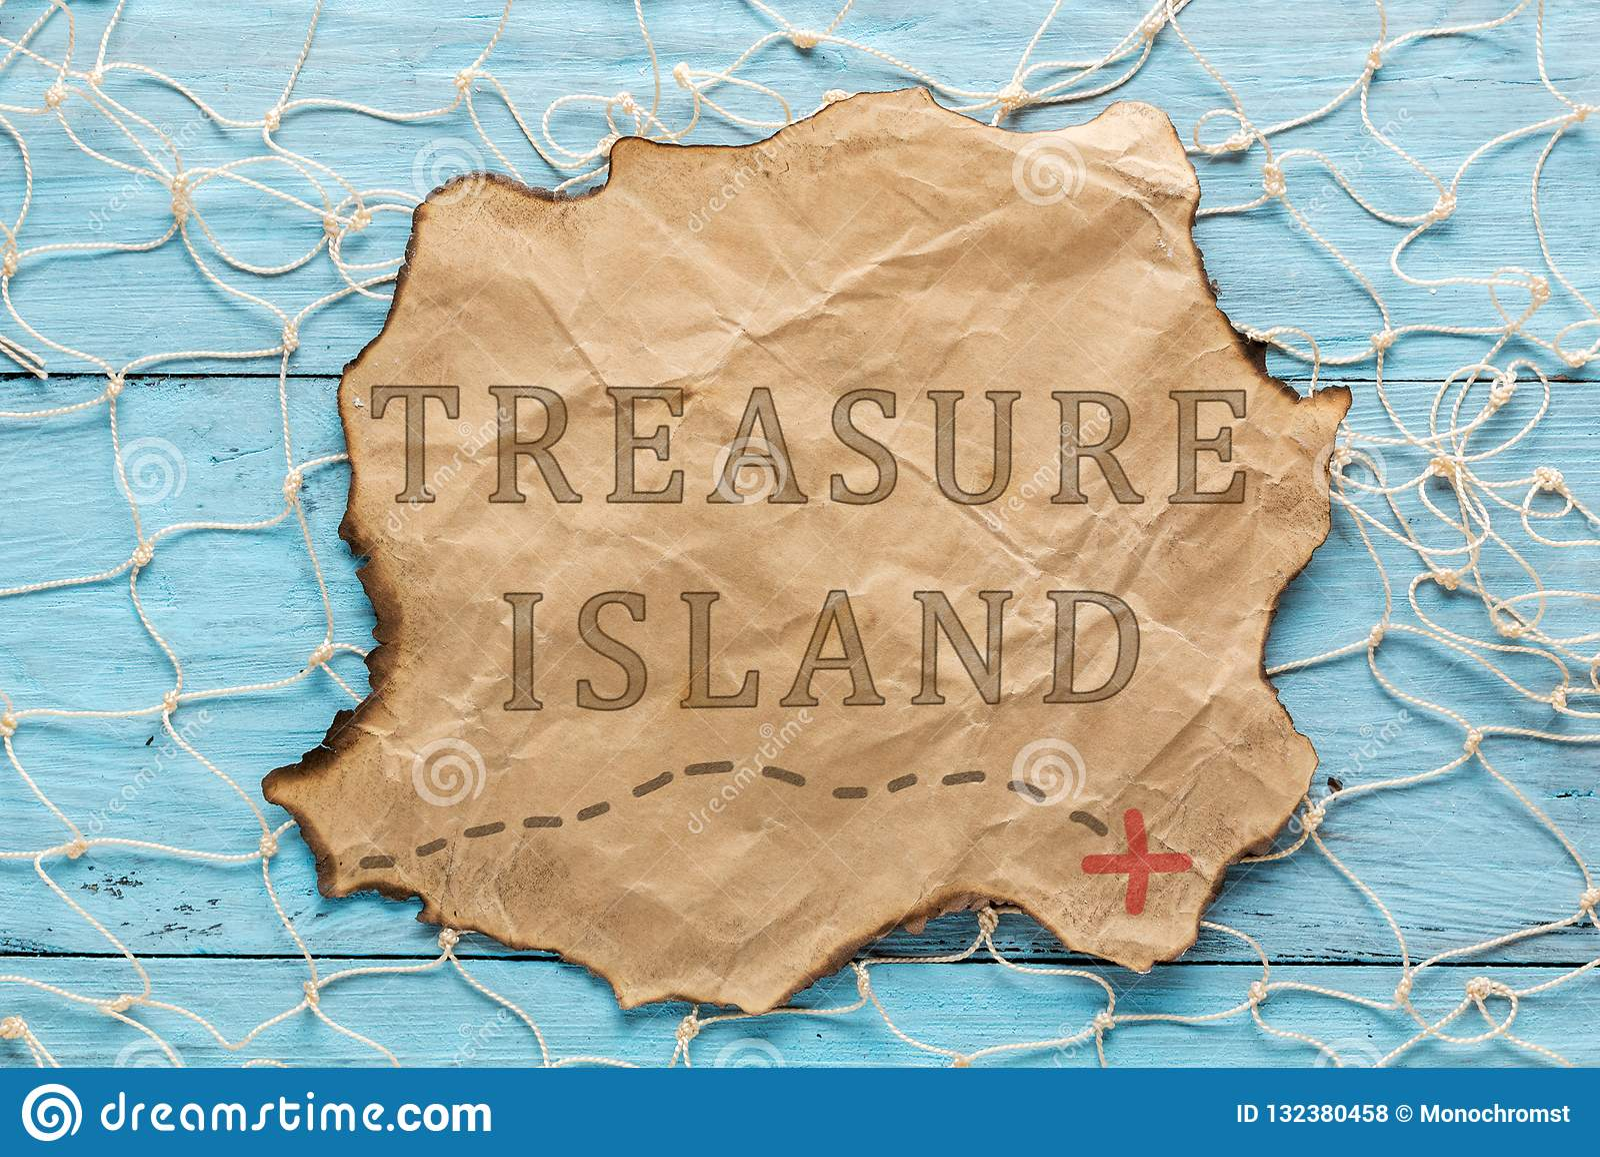 Treasure island essay